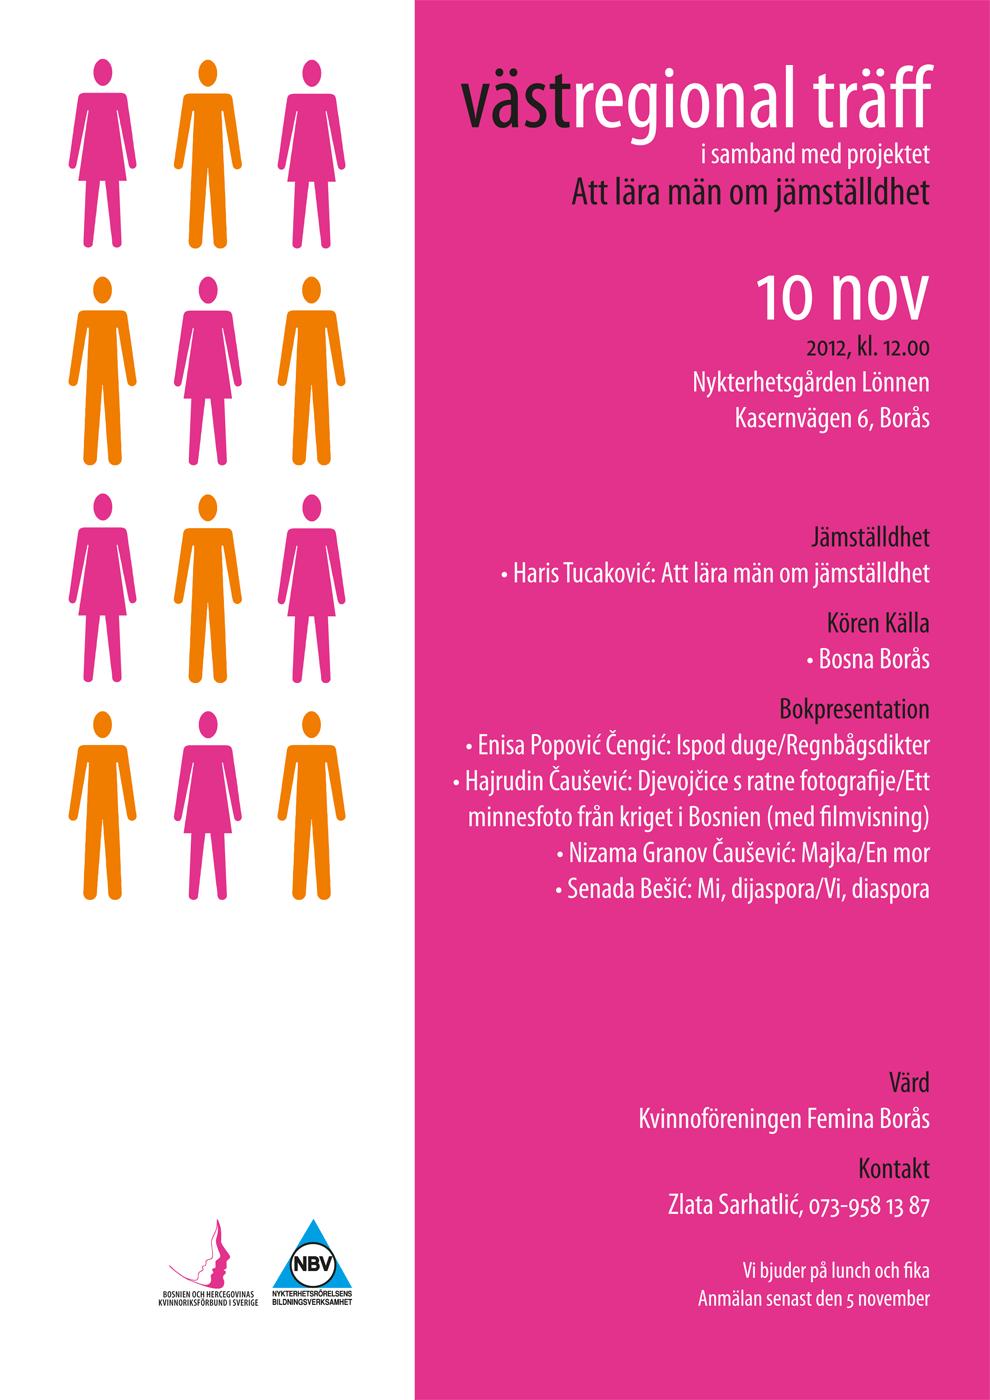 Västregional träff i samband med projektet Att lära män om jämställdhet